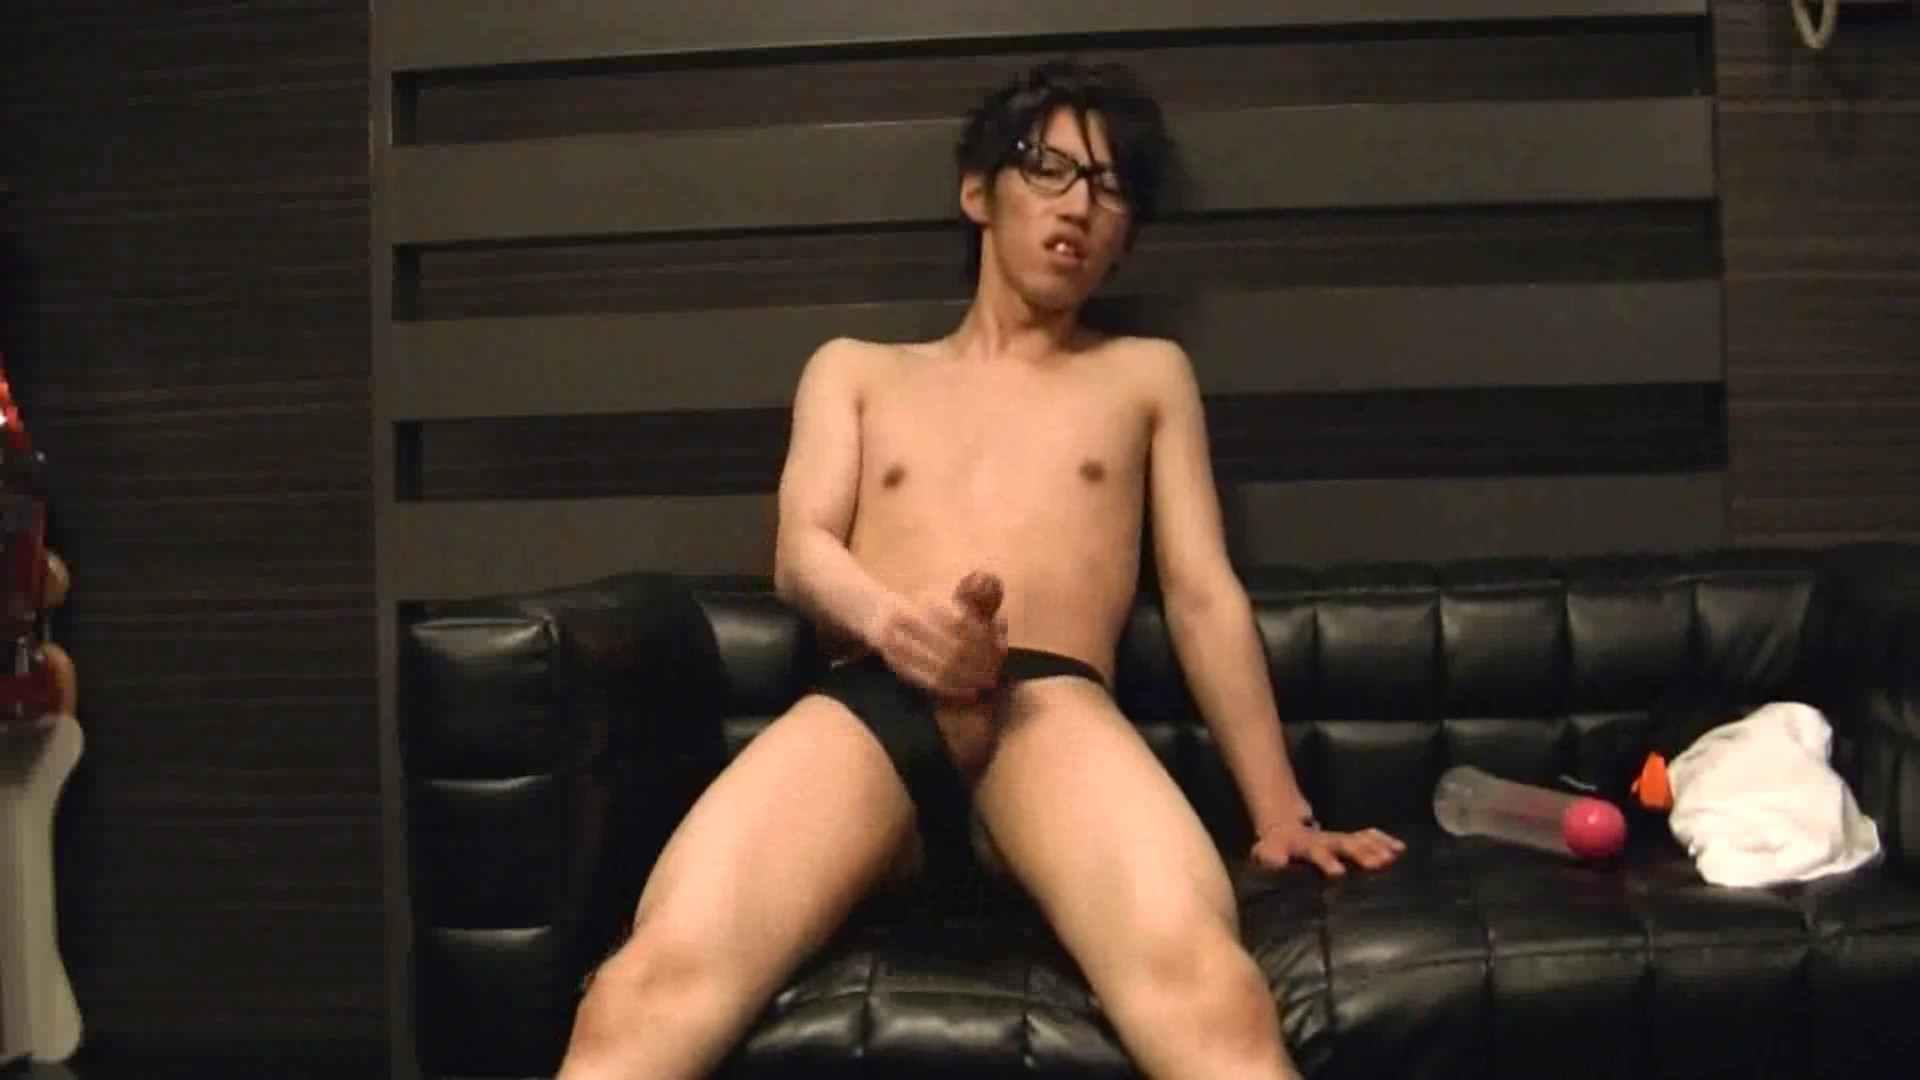 ONA見せカーニバル!! Vol3 ゲイのオナニー映像  103枚 96